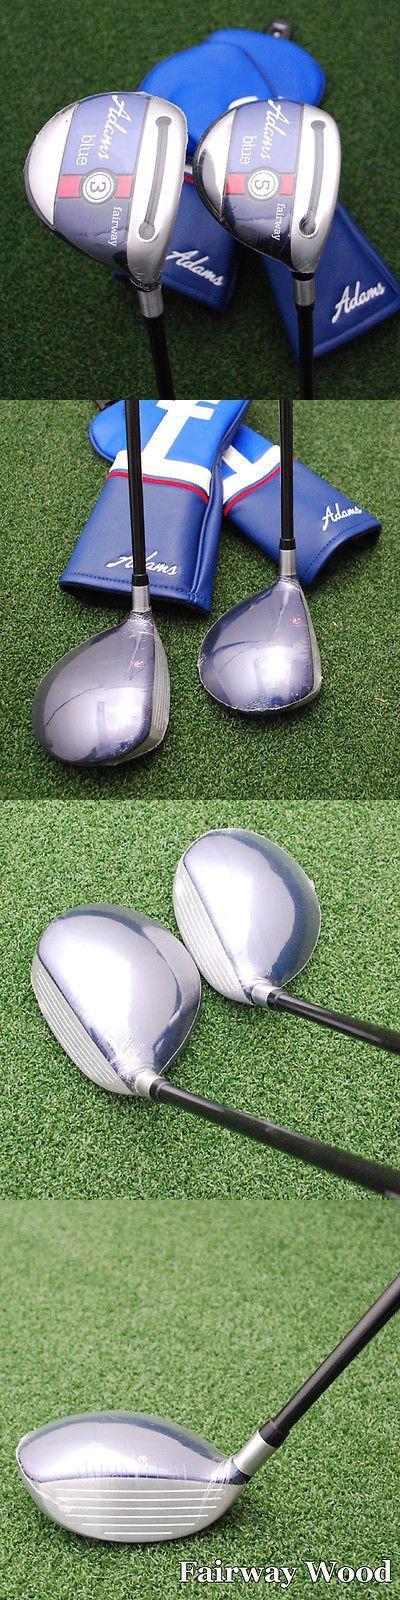 Golf Clubs 115280: Adams Golf Blue 2Pc Set - 3+5 Fairway Woods Pxv Graphite 6.0 Stiff Flex - New BUY IT NOW ONLY: $119.95